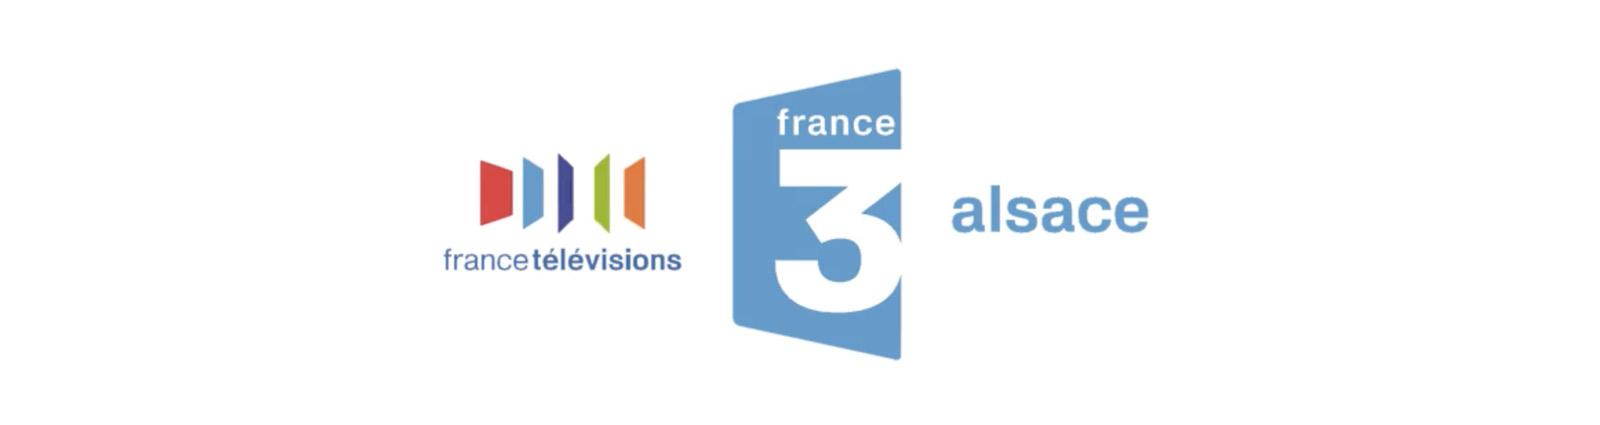 Publicité TV france 3 alsace